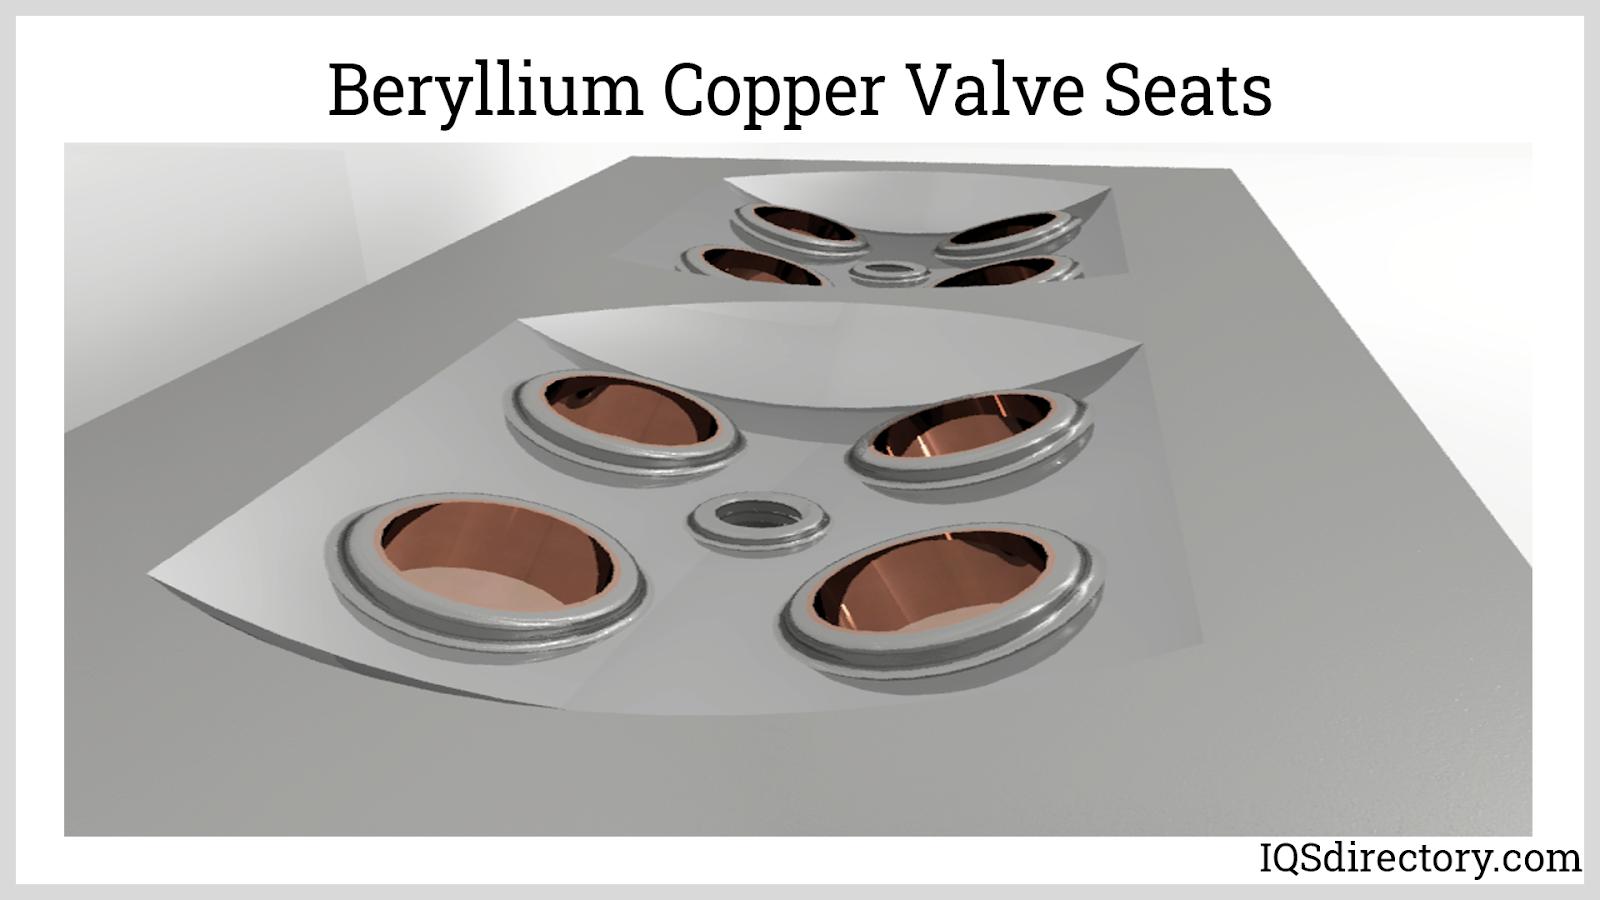 Beryllium Copper Valve Seats